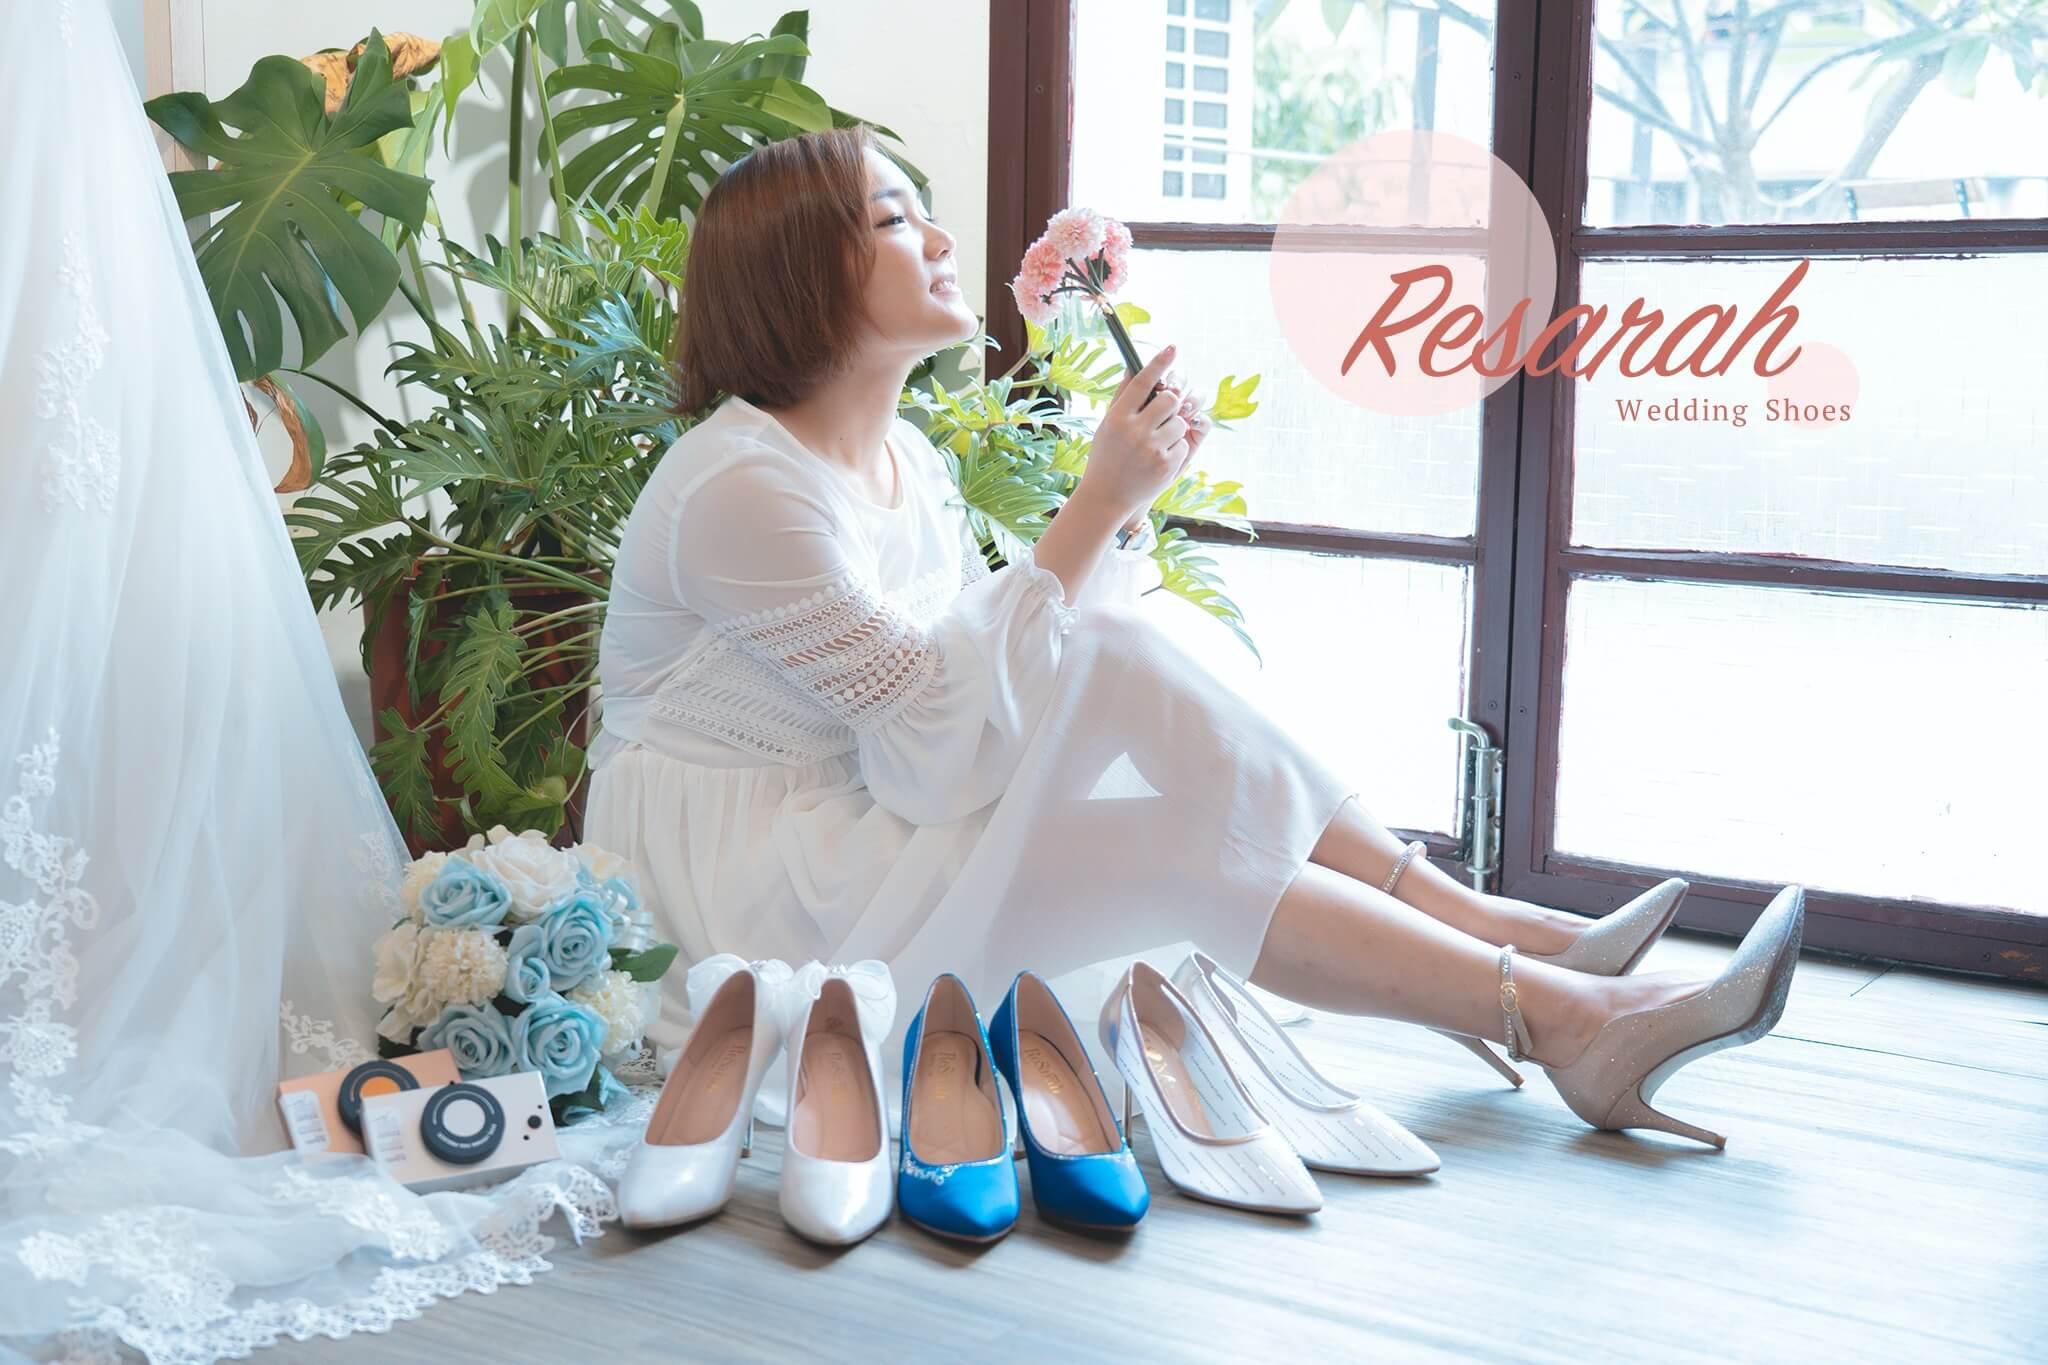 ReSarah 時尚手作婚紗鞋 | 訂製一雙幸夢幻婚鞋走向美好未來